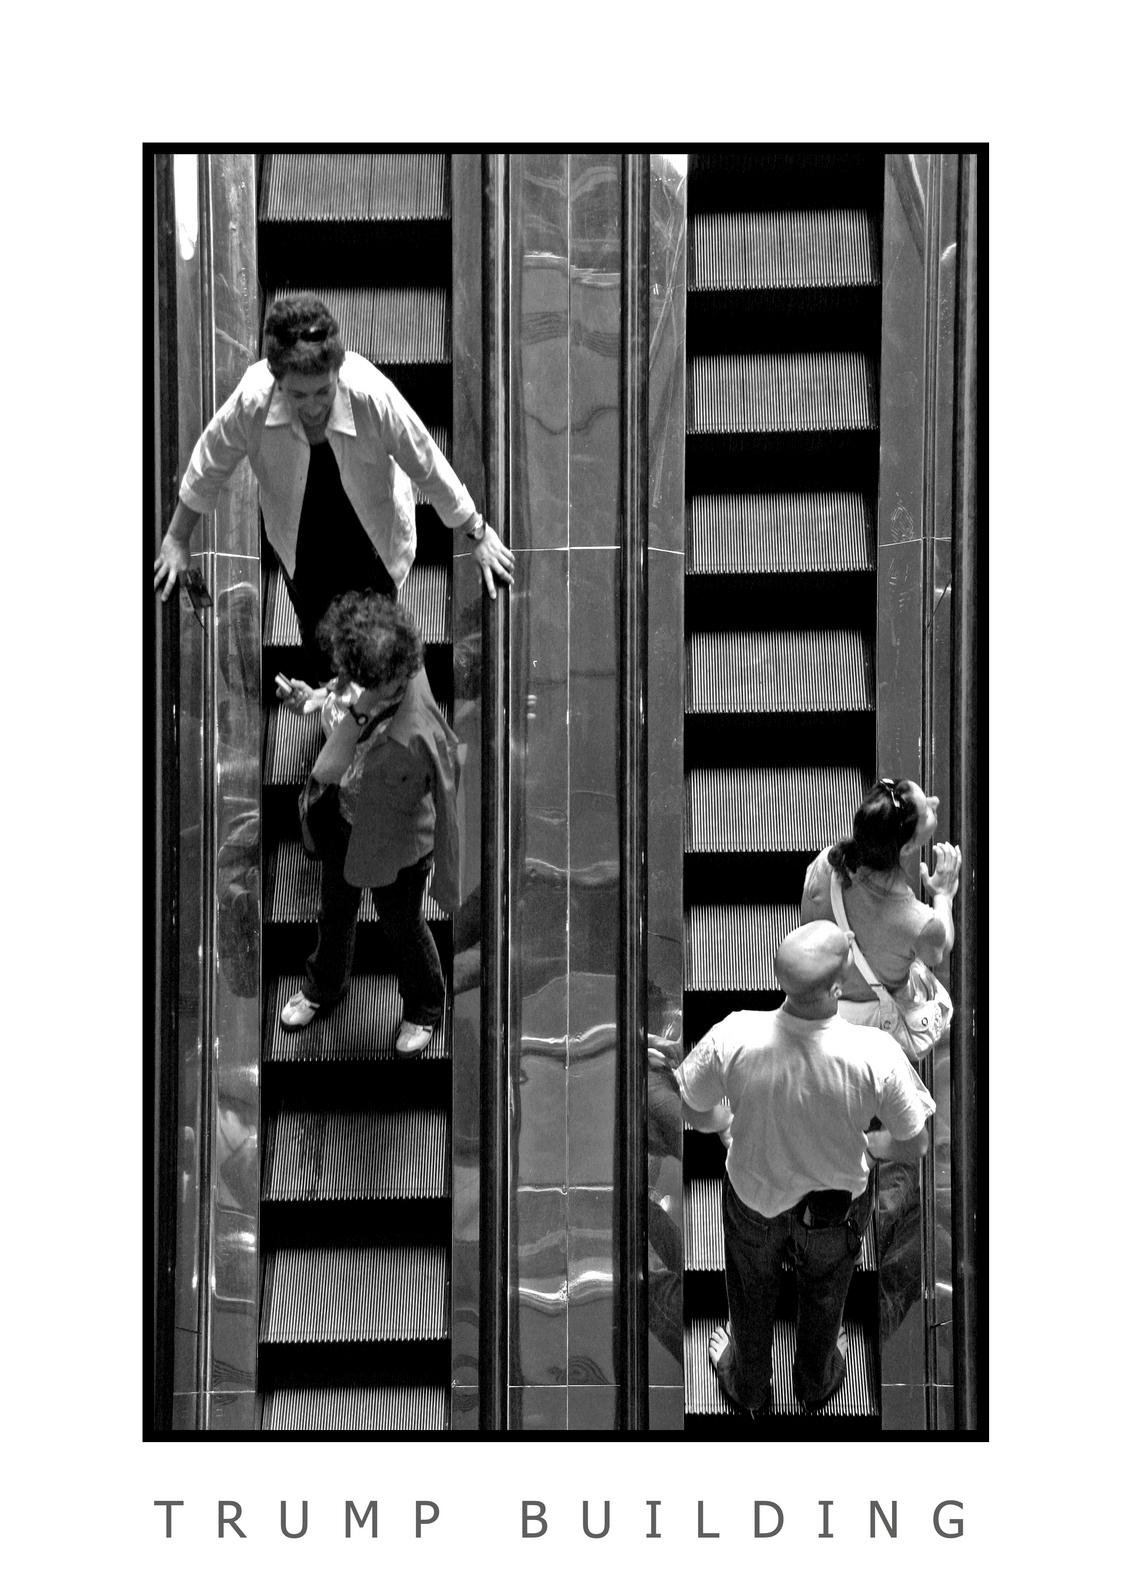 New York - - - foto door marcelverhagen op 16-05-2009 - deze foto bevat: tower, trump